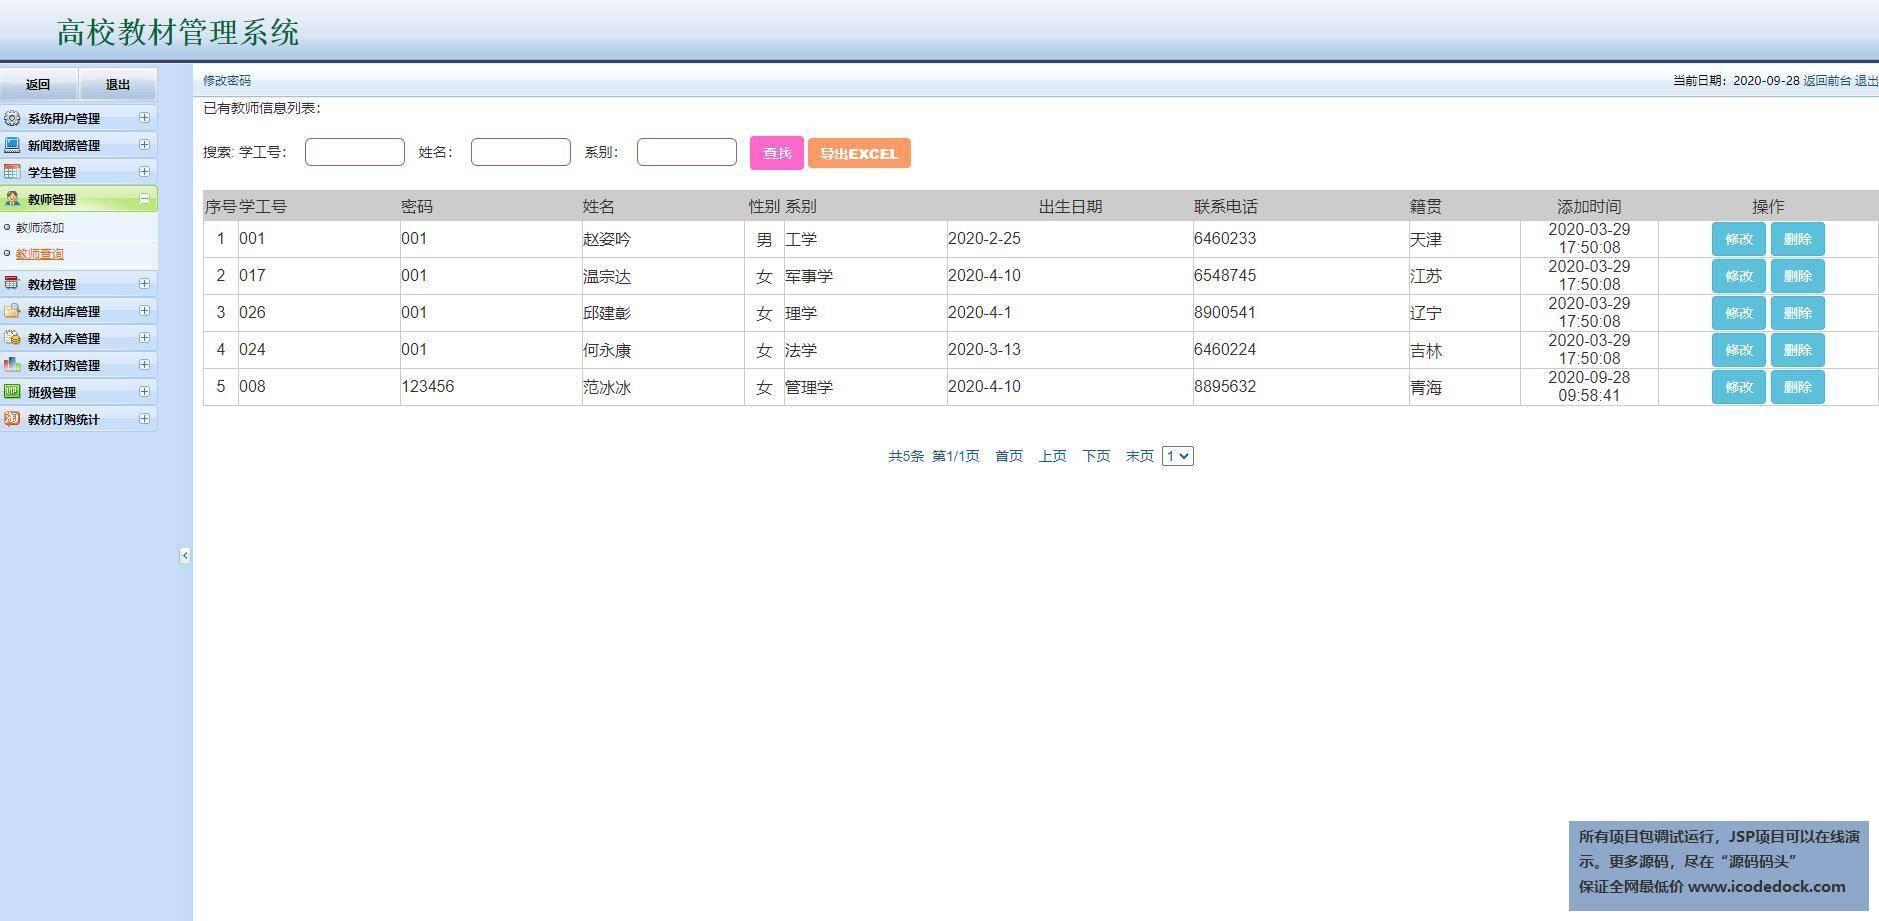 源码码头-JSP高校教材平台网站管理系统-管理员角色-教师管理